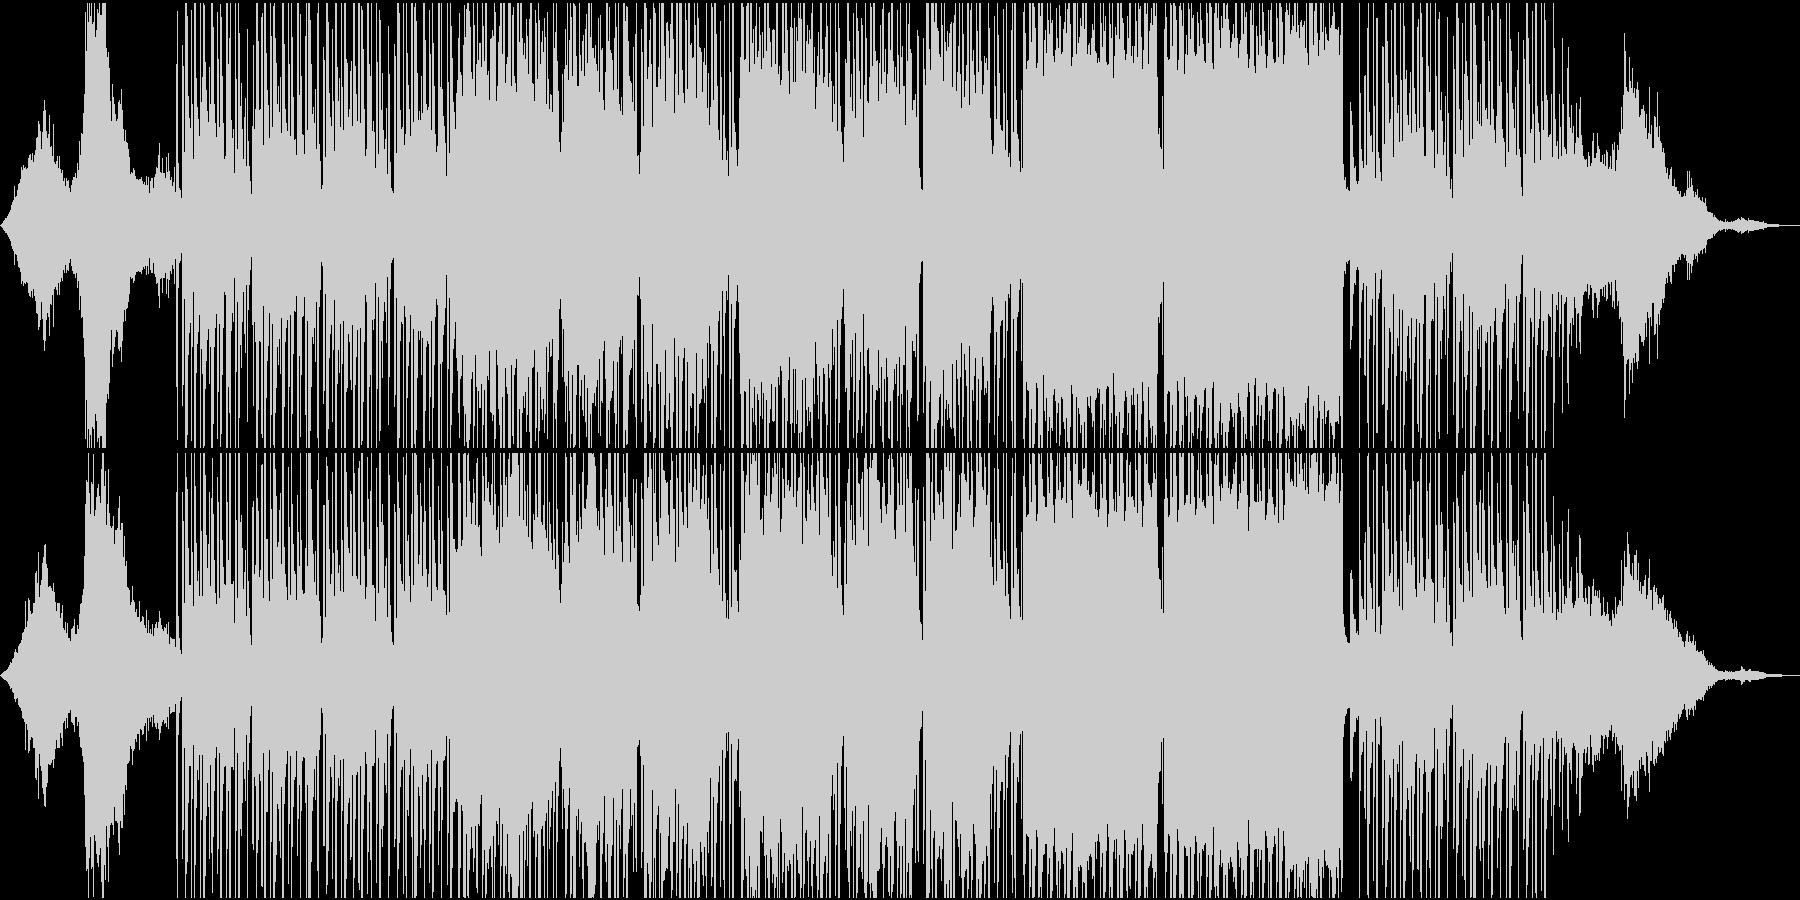 南国風の男女ボーカルがラララで歌う曲の未再生の波形